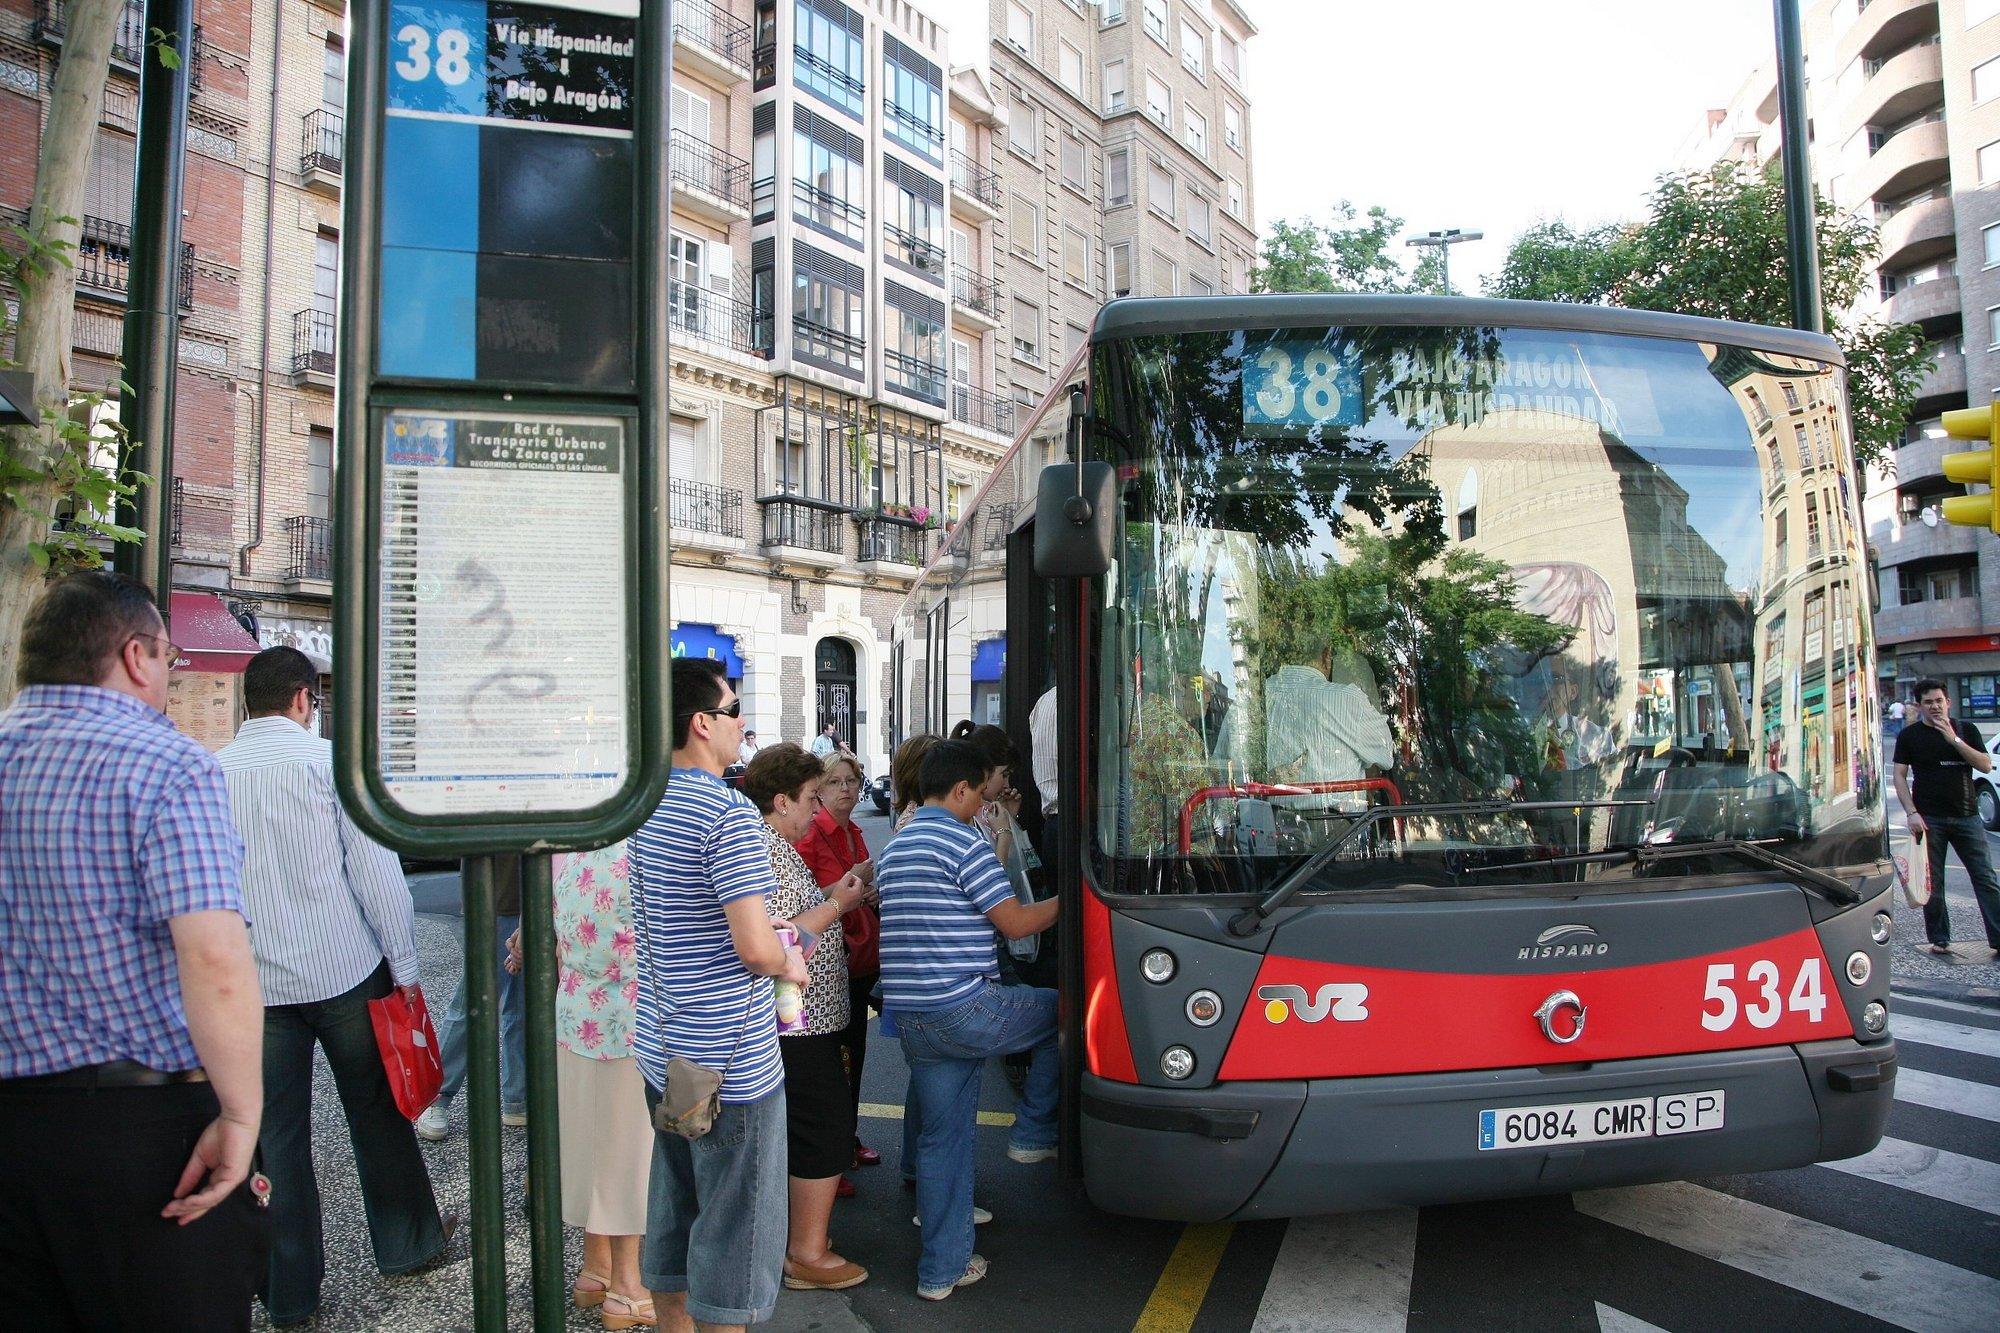 La celebración del desfile de Carnaval hará necesario desviar varias líneas de autobús este sábado